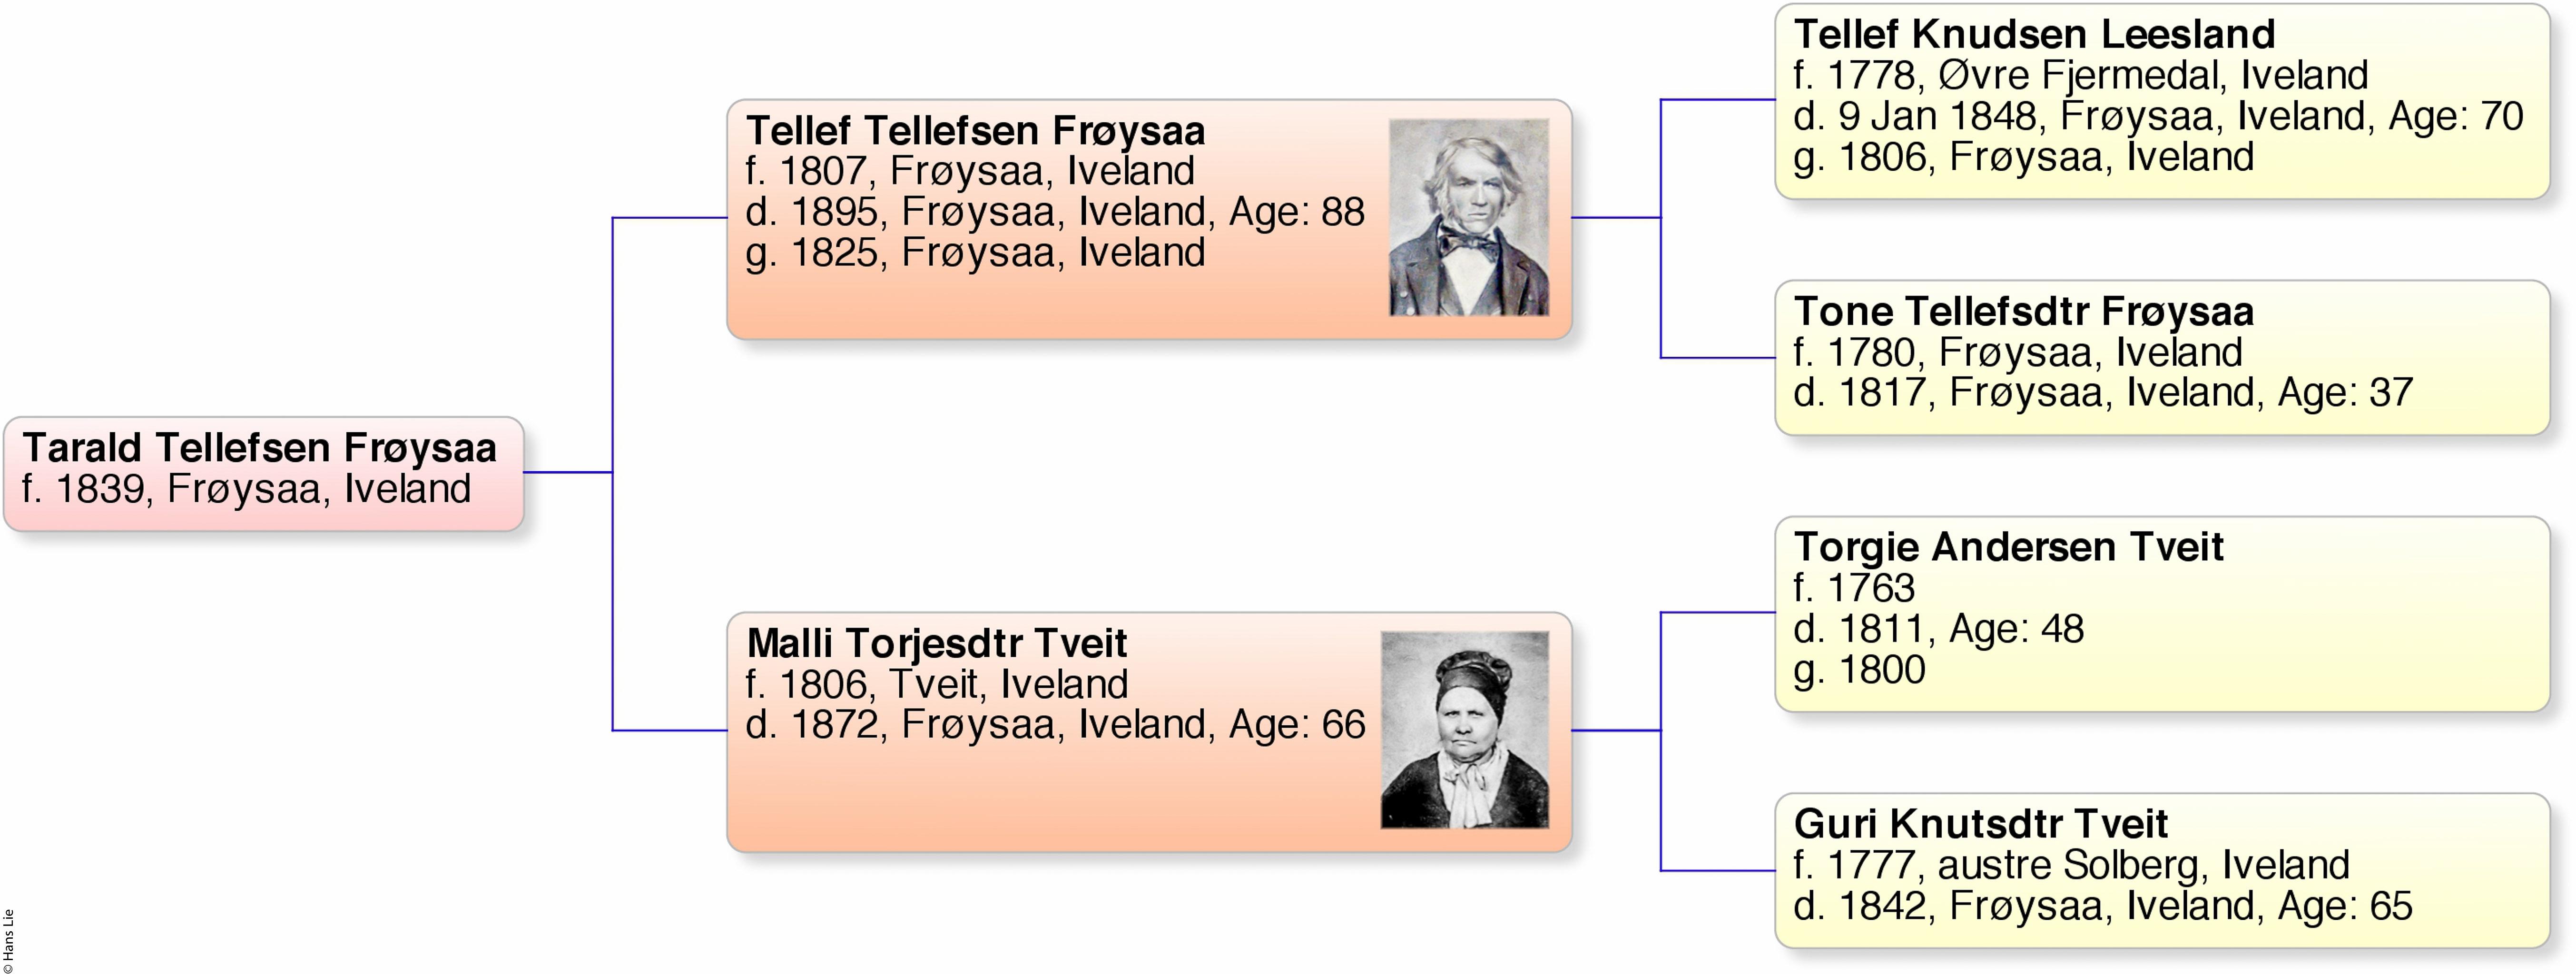 tarald-tellefsen-froysaa